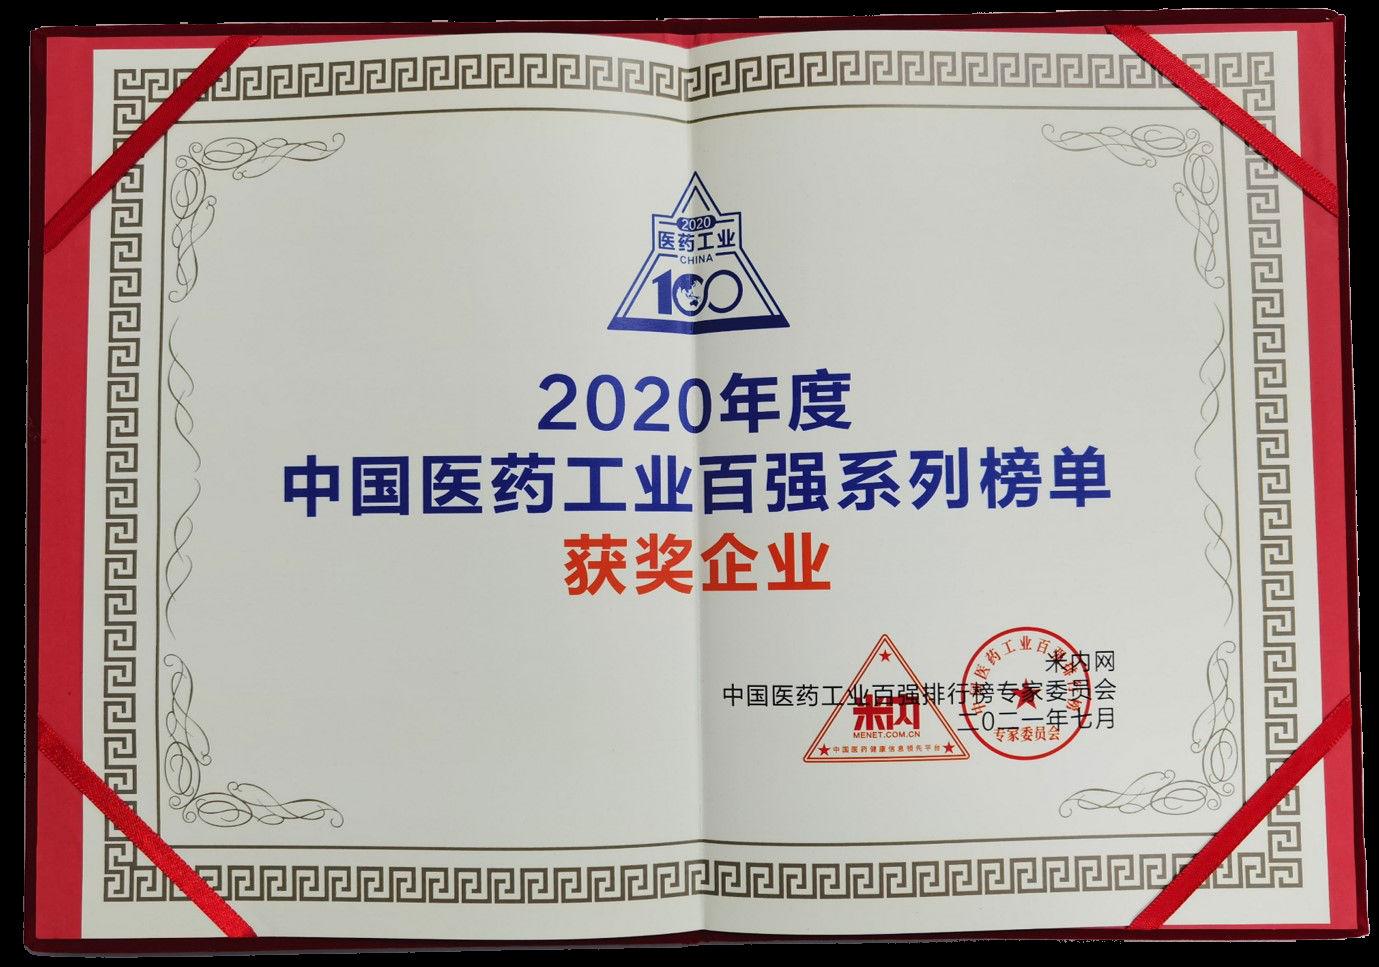 2020年度中国医药工业百强系列榜单